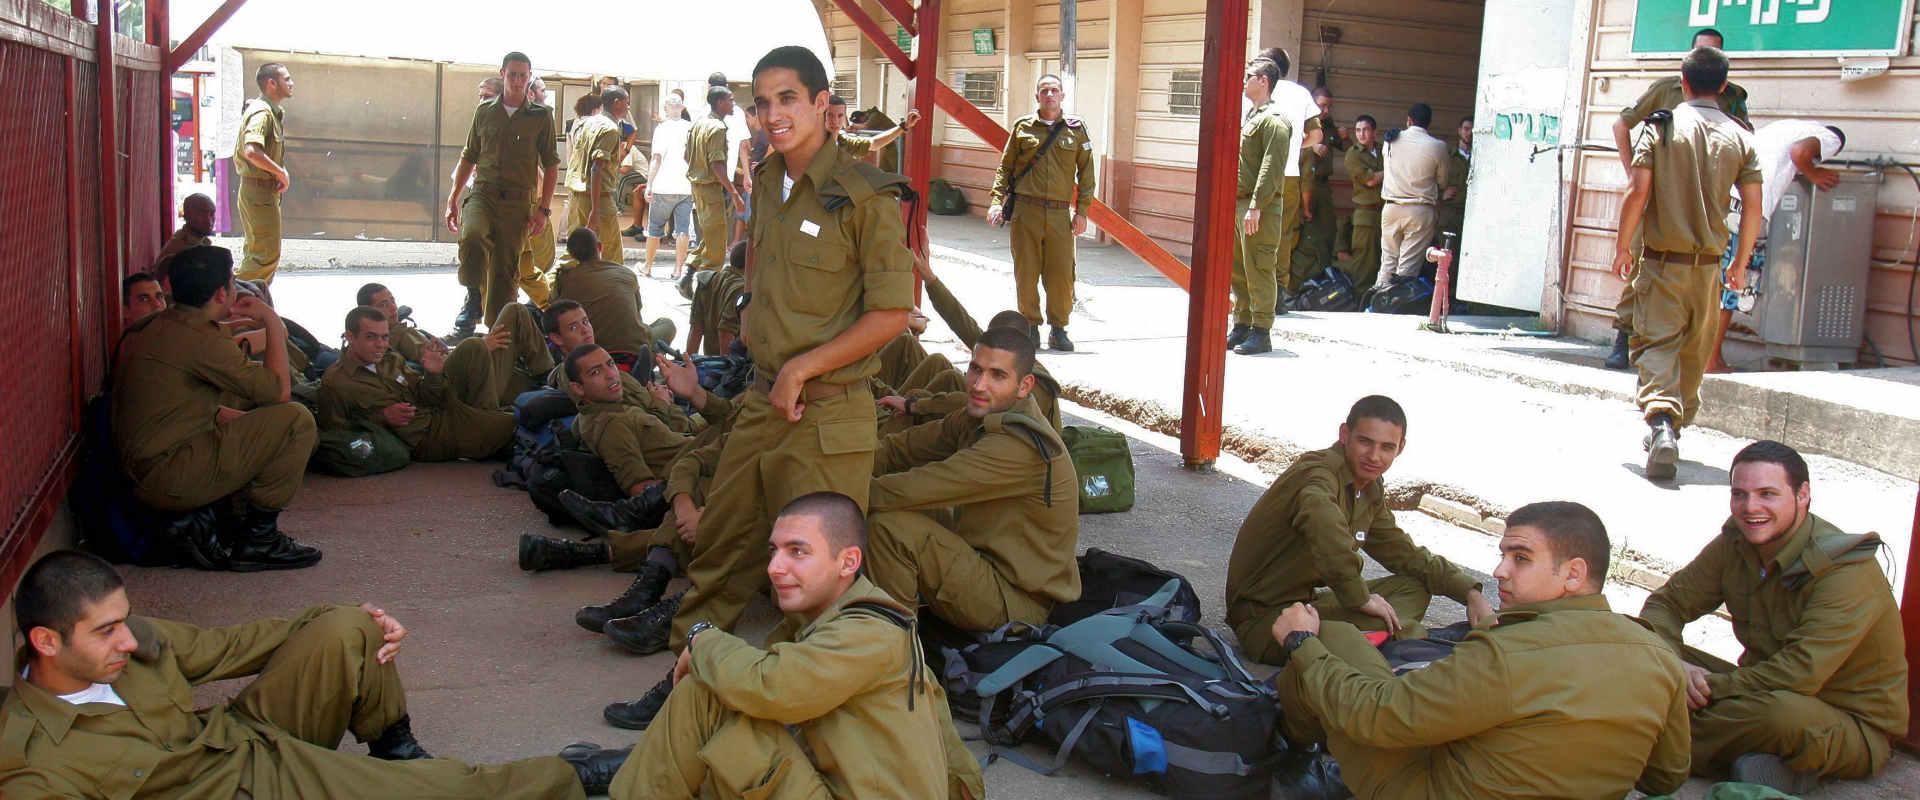 """מתגייסים טריים בבקו""""ם בתל השומר"""